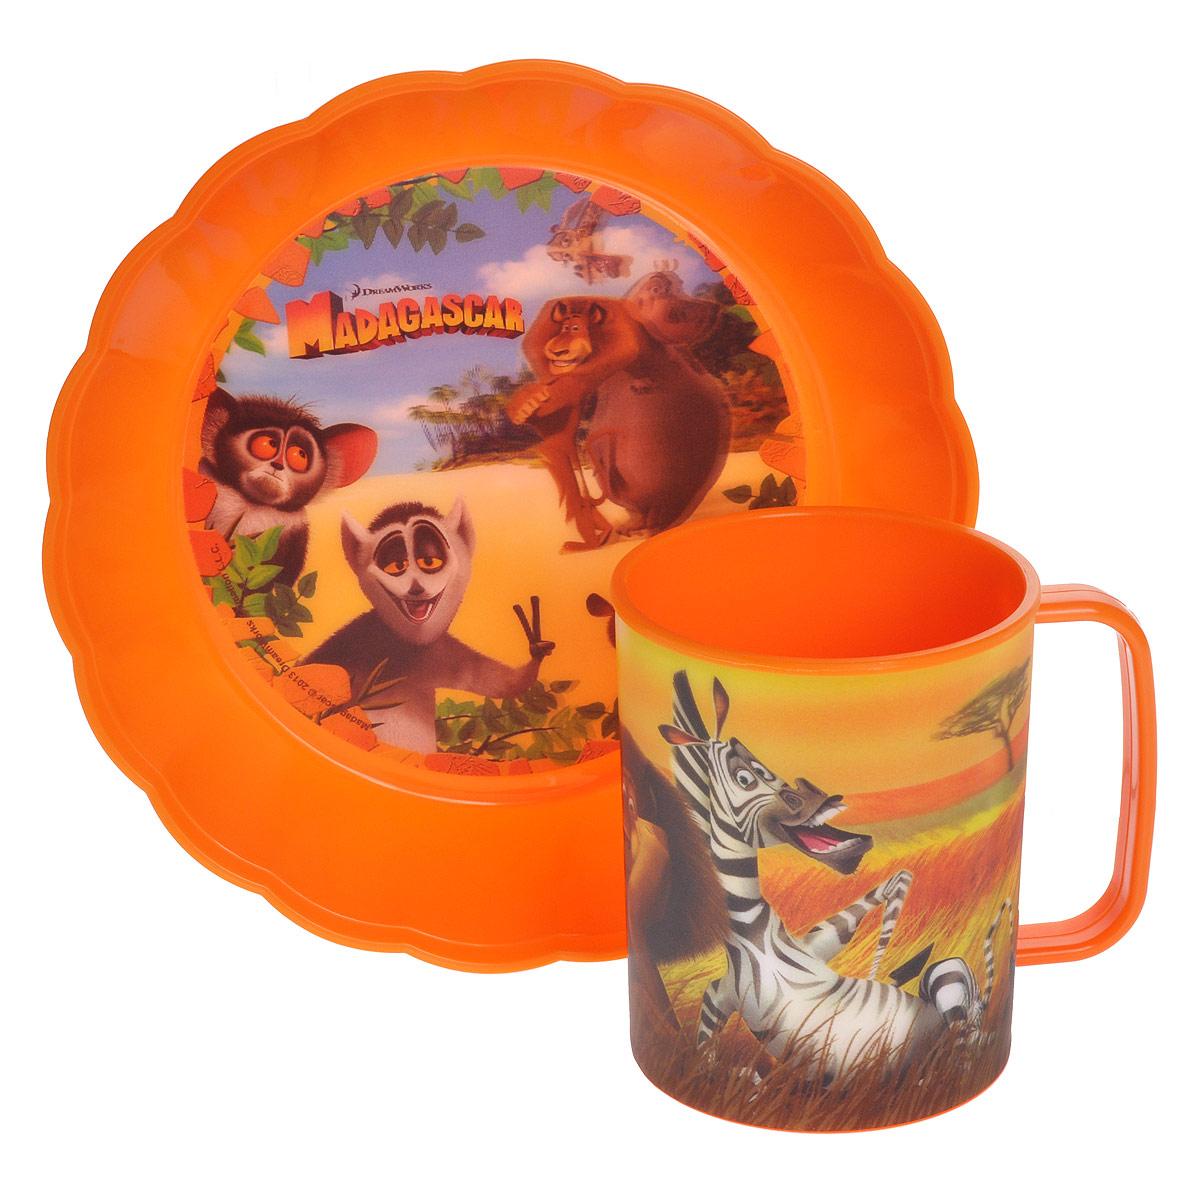 Набор детской посуды Мадагаскар, цвет: оранжевый, 2 предметаNMD2Набор детской посуды Мадагаскар состоит из кружки и круглой миски. Посуда, выполненная из пищевого пластика оранжевого цвета, оформлена изображениями героев популярного мультфильма Мадагаскар. Рисунки находятся под слоем прозрачного структурного пластика (линзы), создающего эффект объемного изображения, как в 3D кино, и исключающего попадание краски в жидкость. Небьющаяся посуда, красивая, легкая и удобная в уходе, прекрасно выдерживает горячую пищу. Ваш малыш с удовольствием будет кушать вместе с любимыми героями.